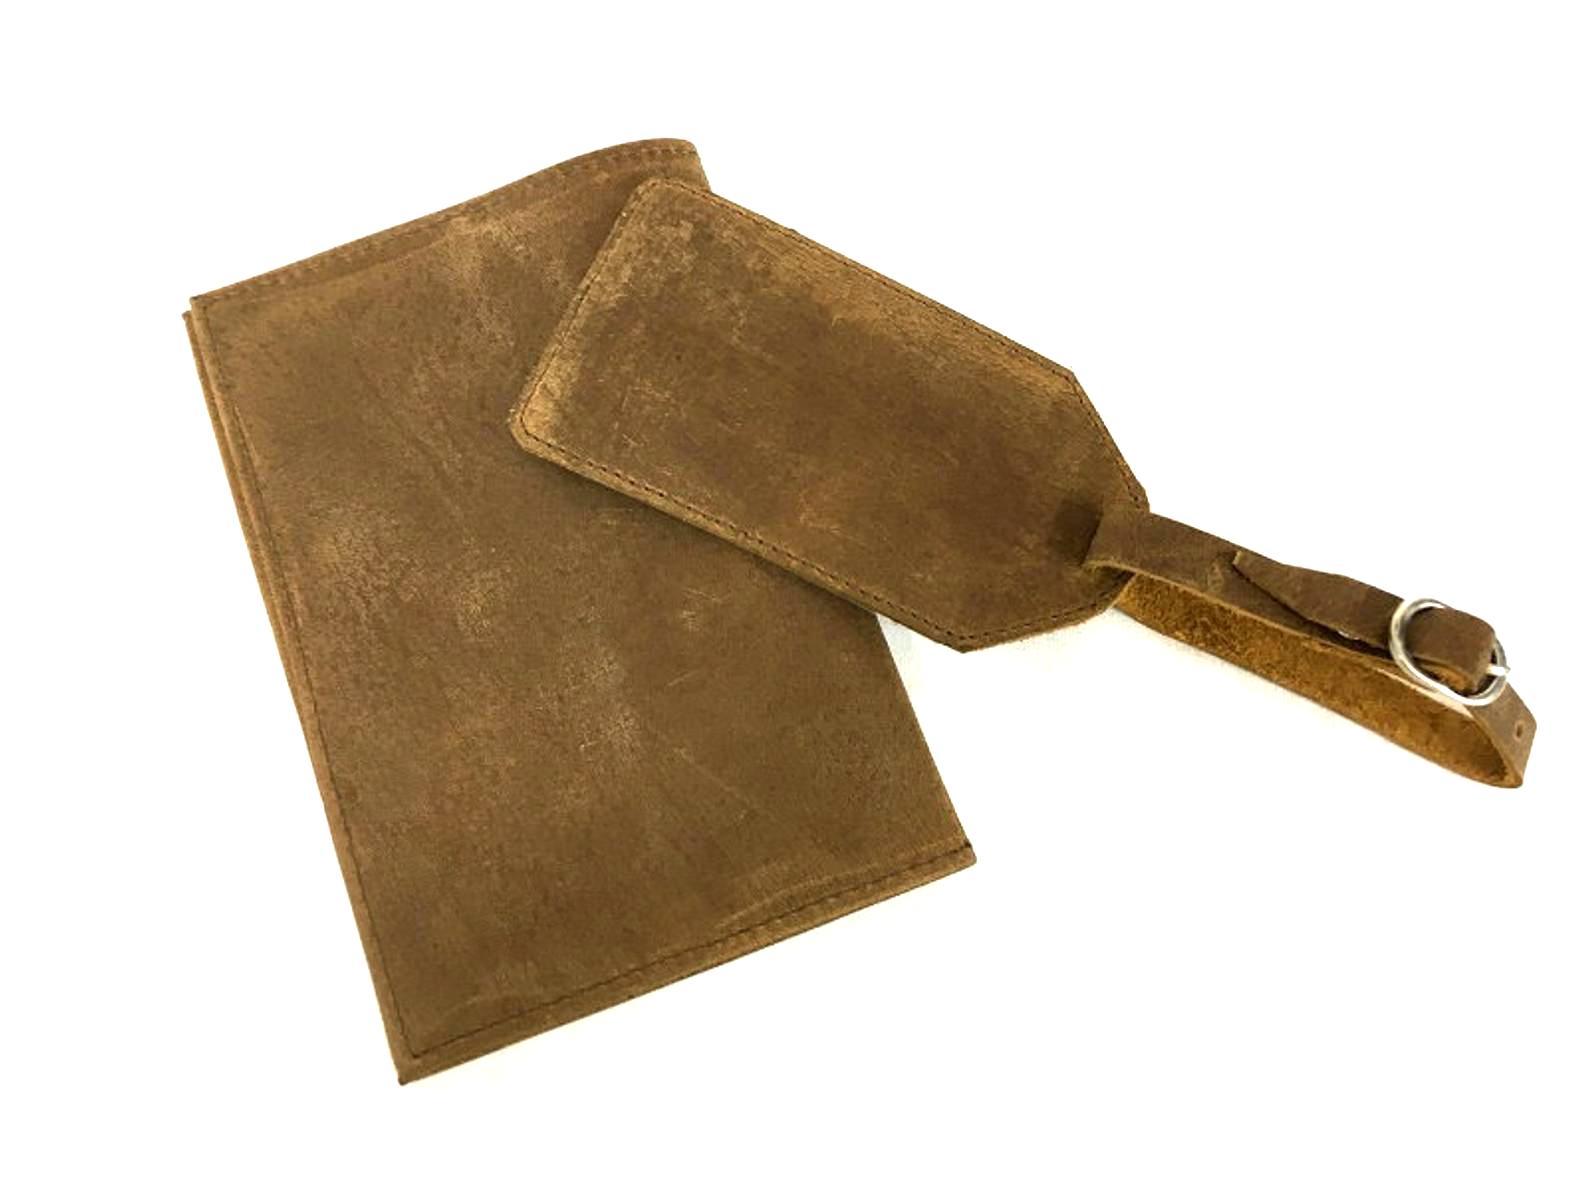 נרתיק עור לדרכון הכולל תג זיהוי מעוצב בעבודת יד